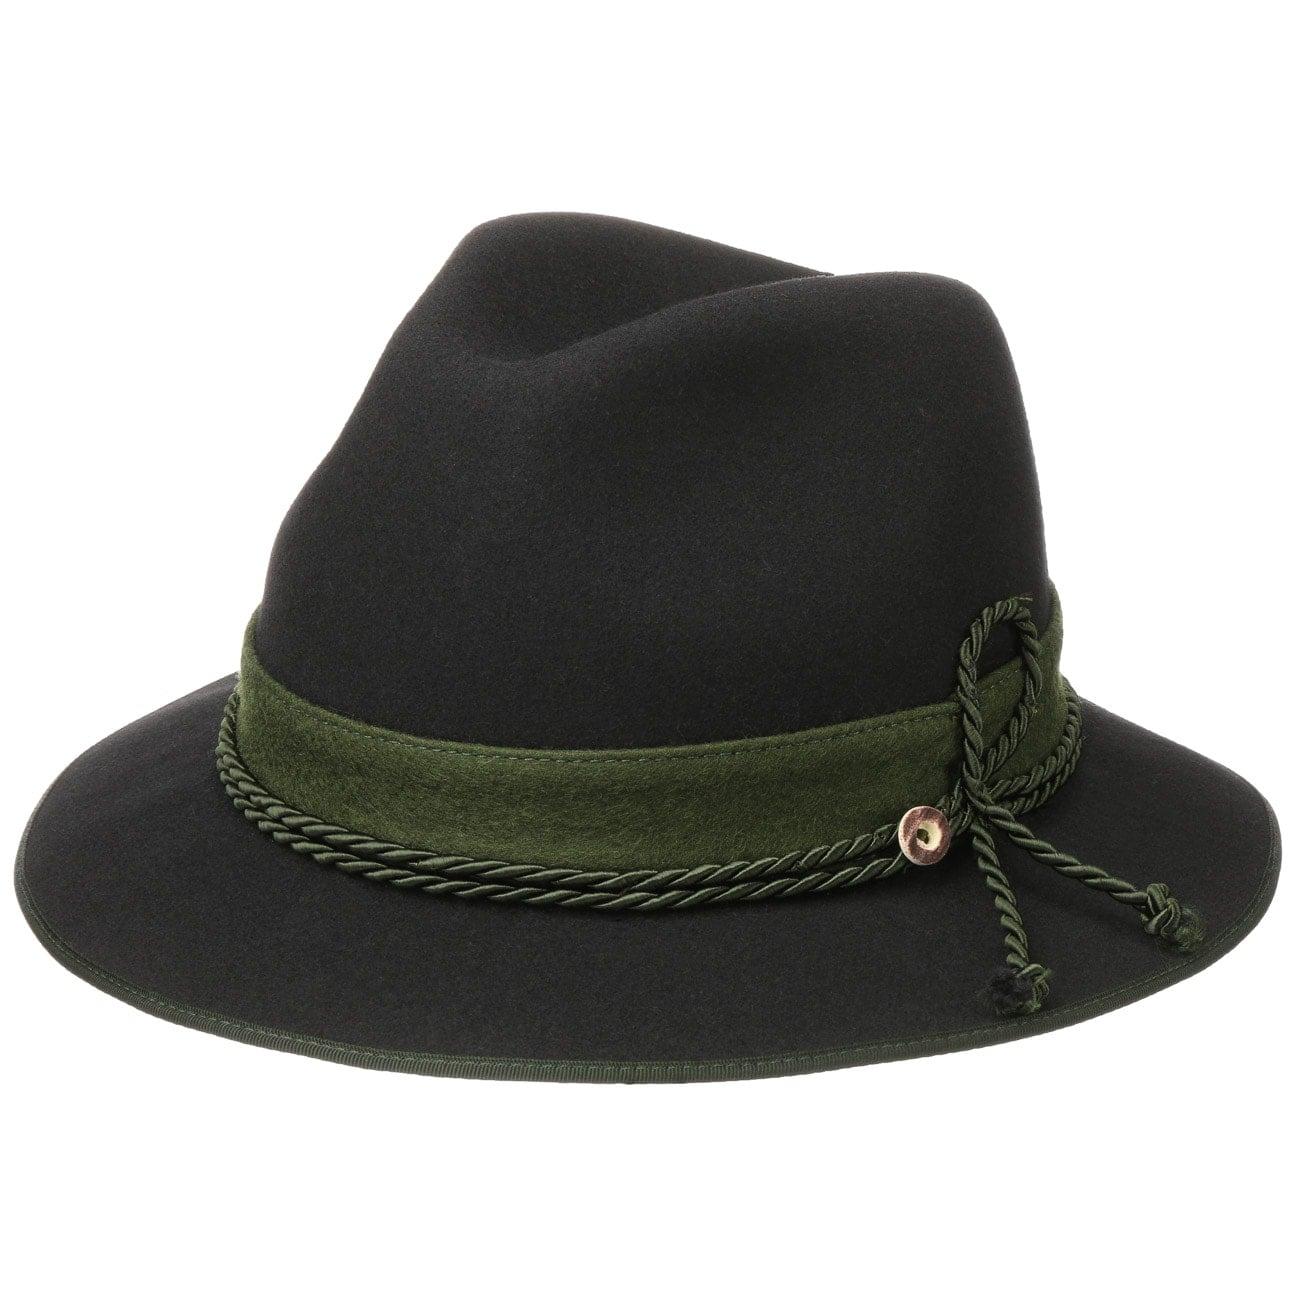 Chapeau Steiermark Premium by Lodenhut Manufaktur  chapeau de costume